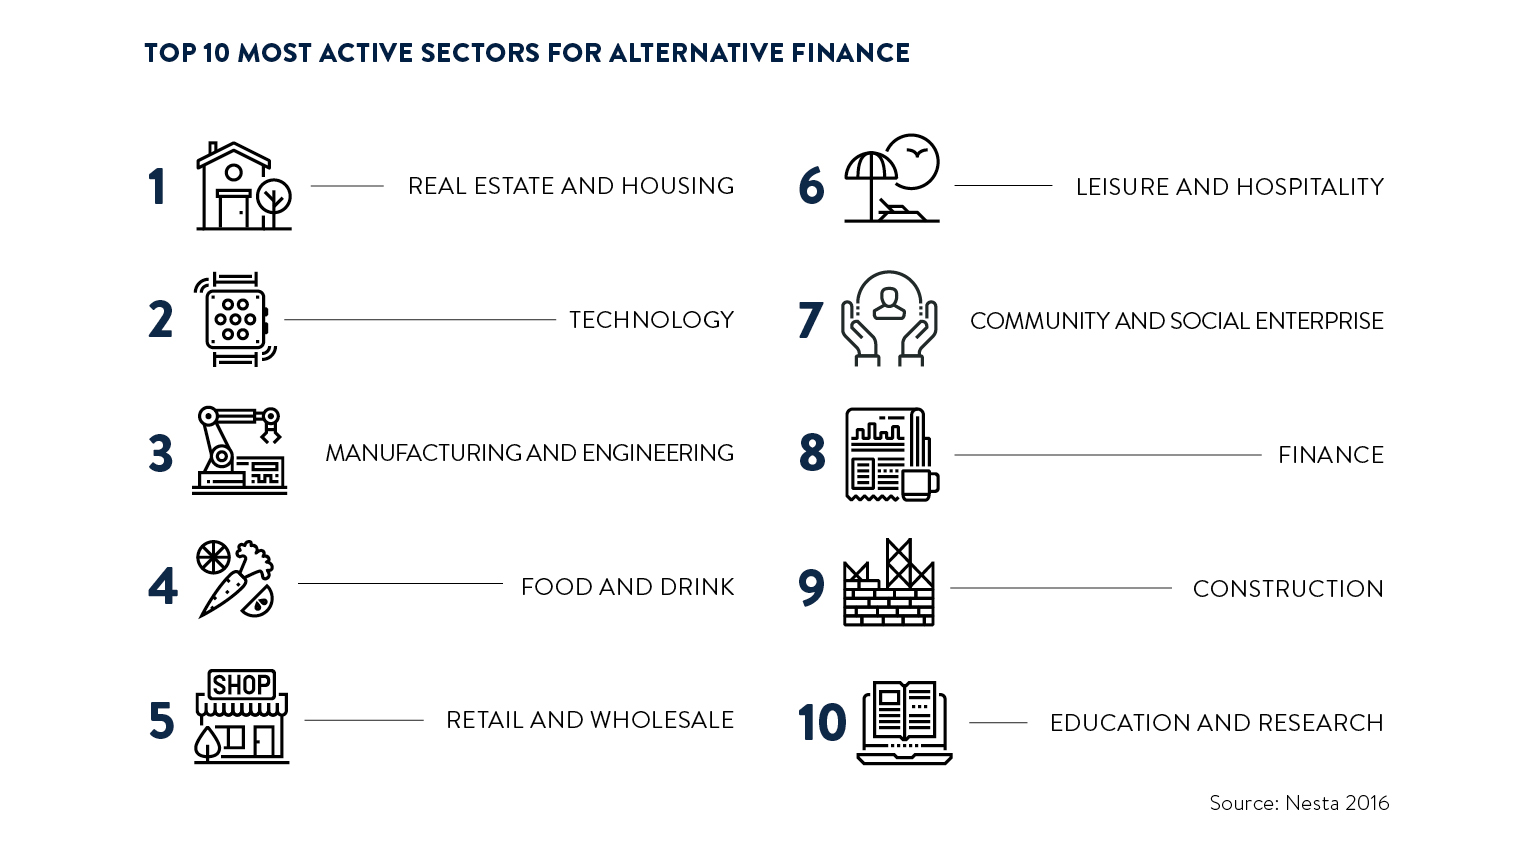 top 10 active sectors for alt fi